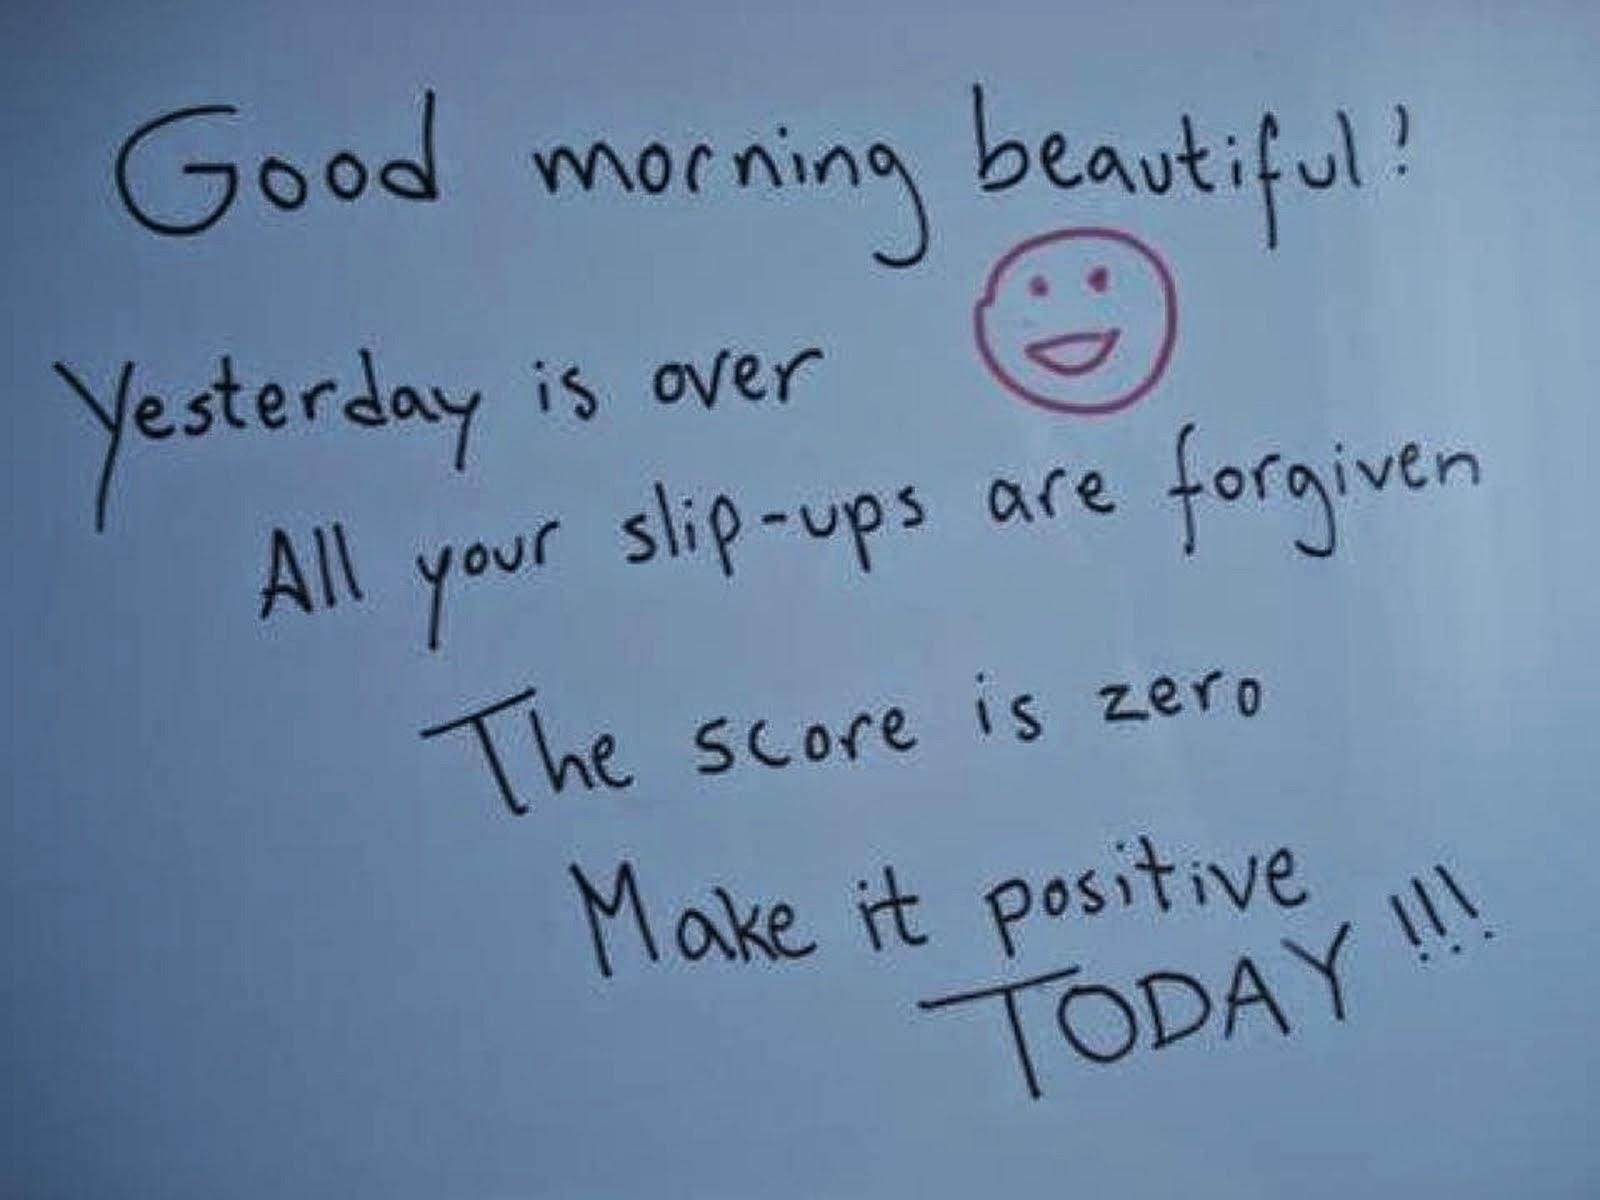 wallpaper-of-Good-morning